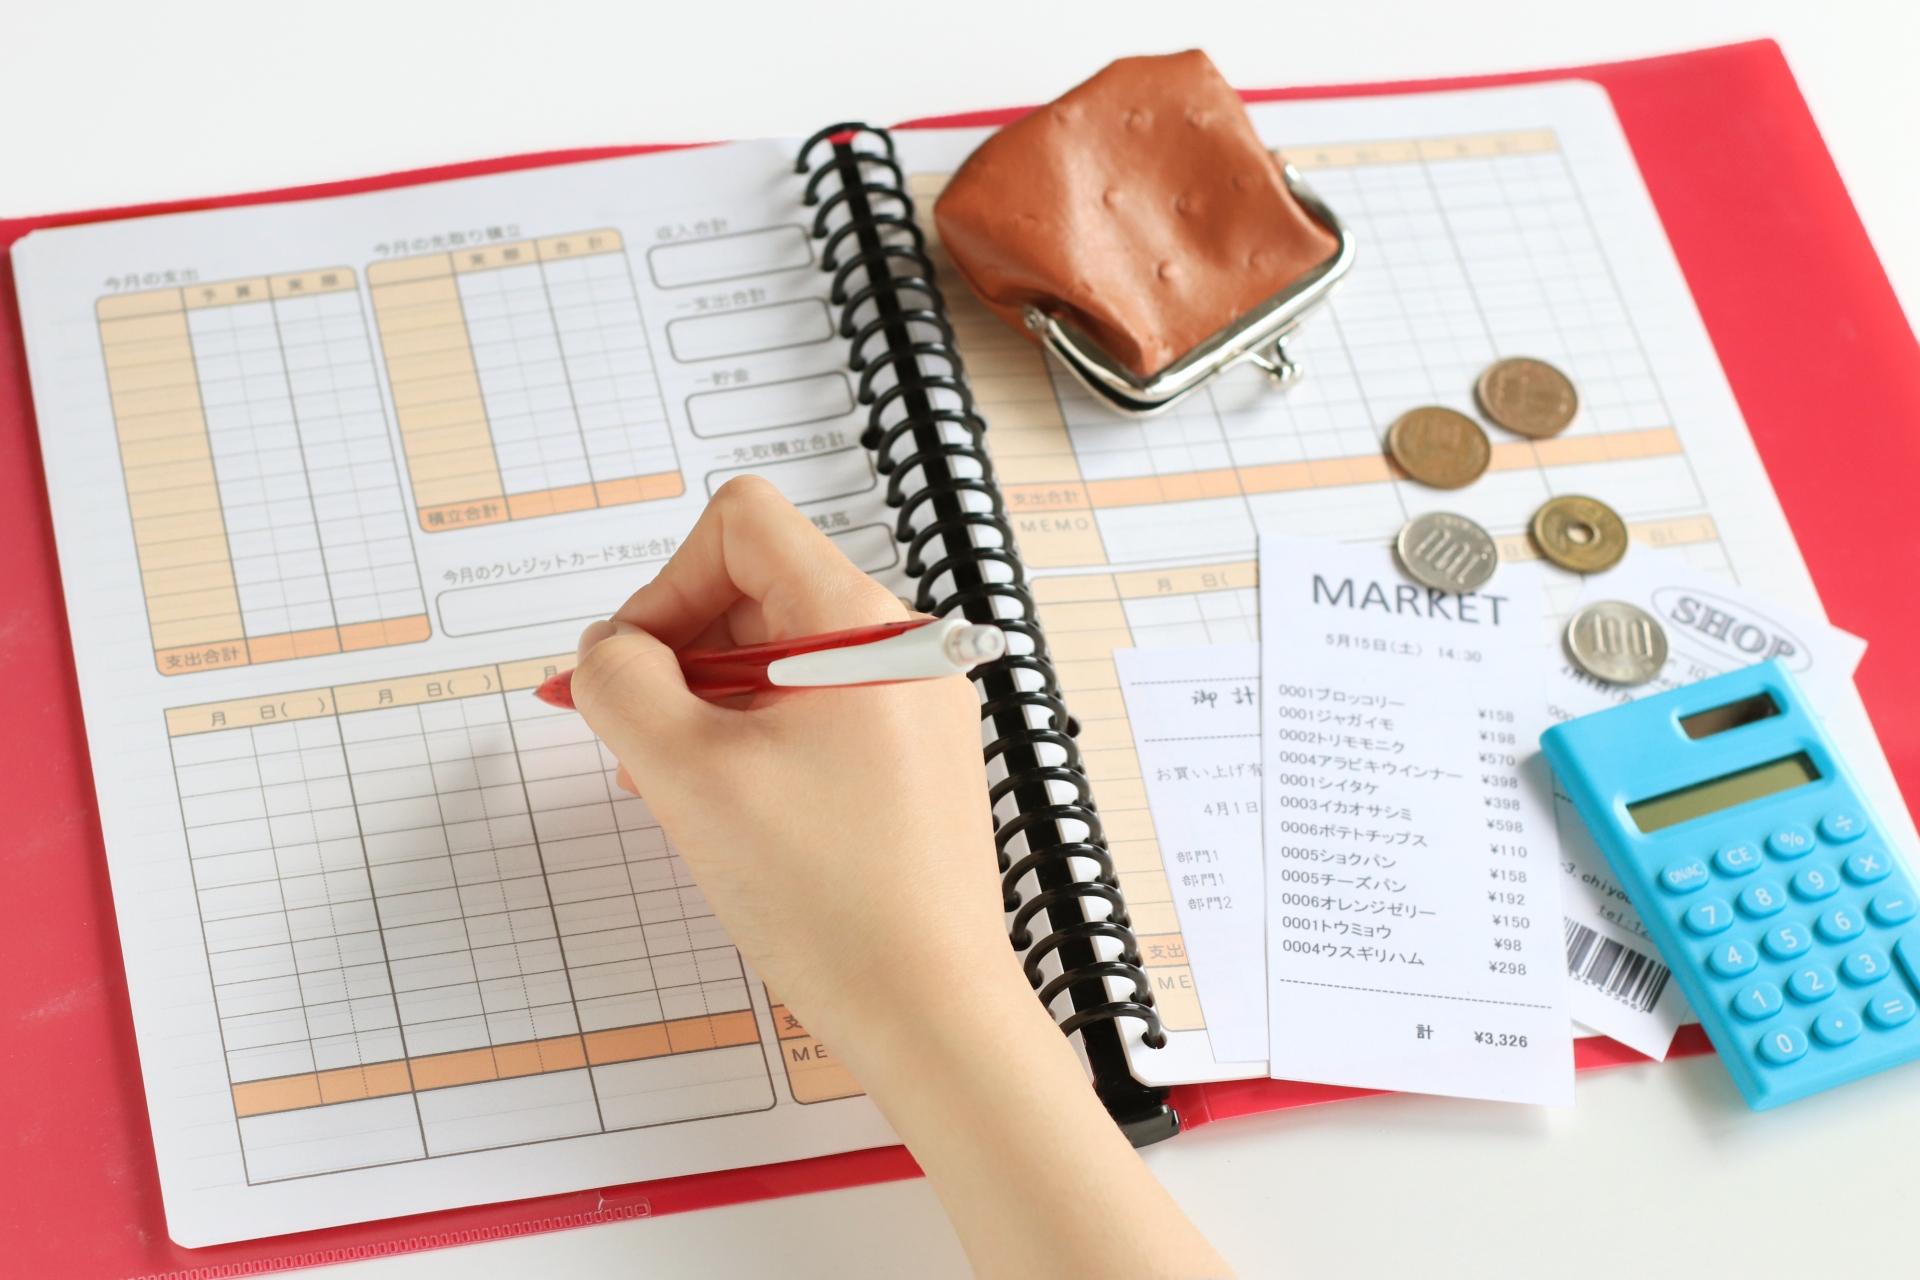 節約したいなら家計簿は必須?お金が貯まる家計簿と続けるポイントを紹介